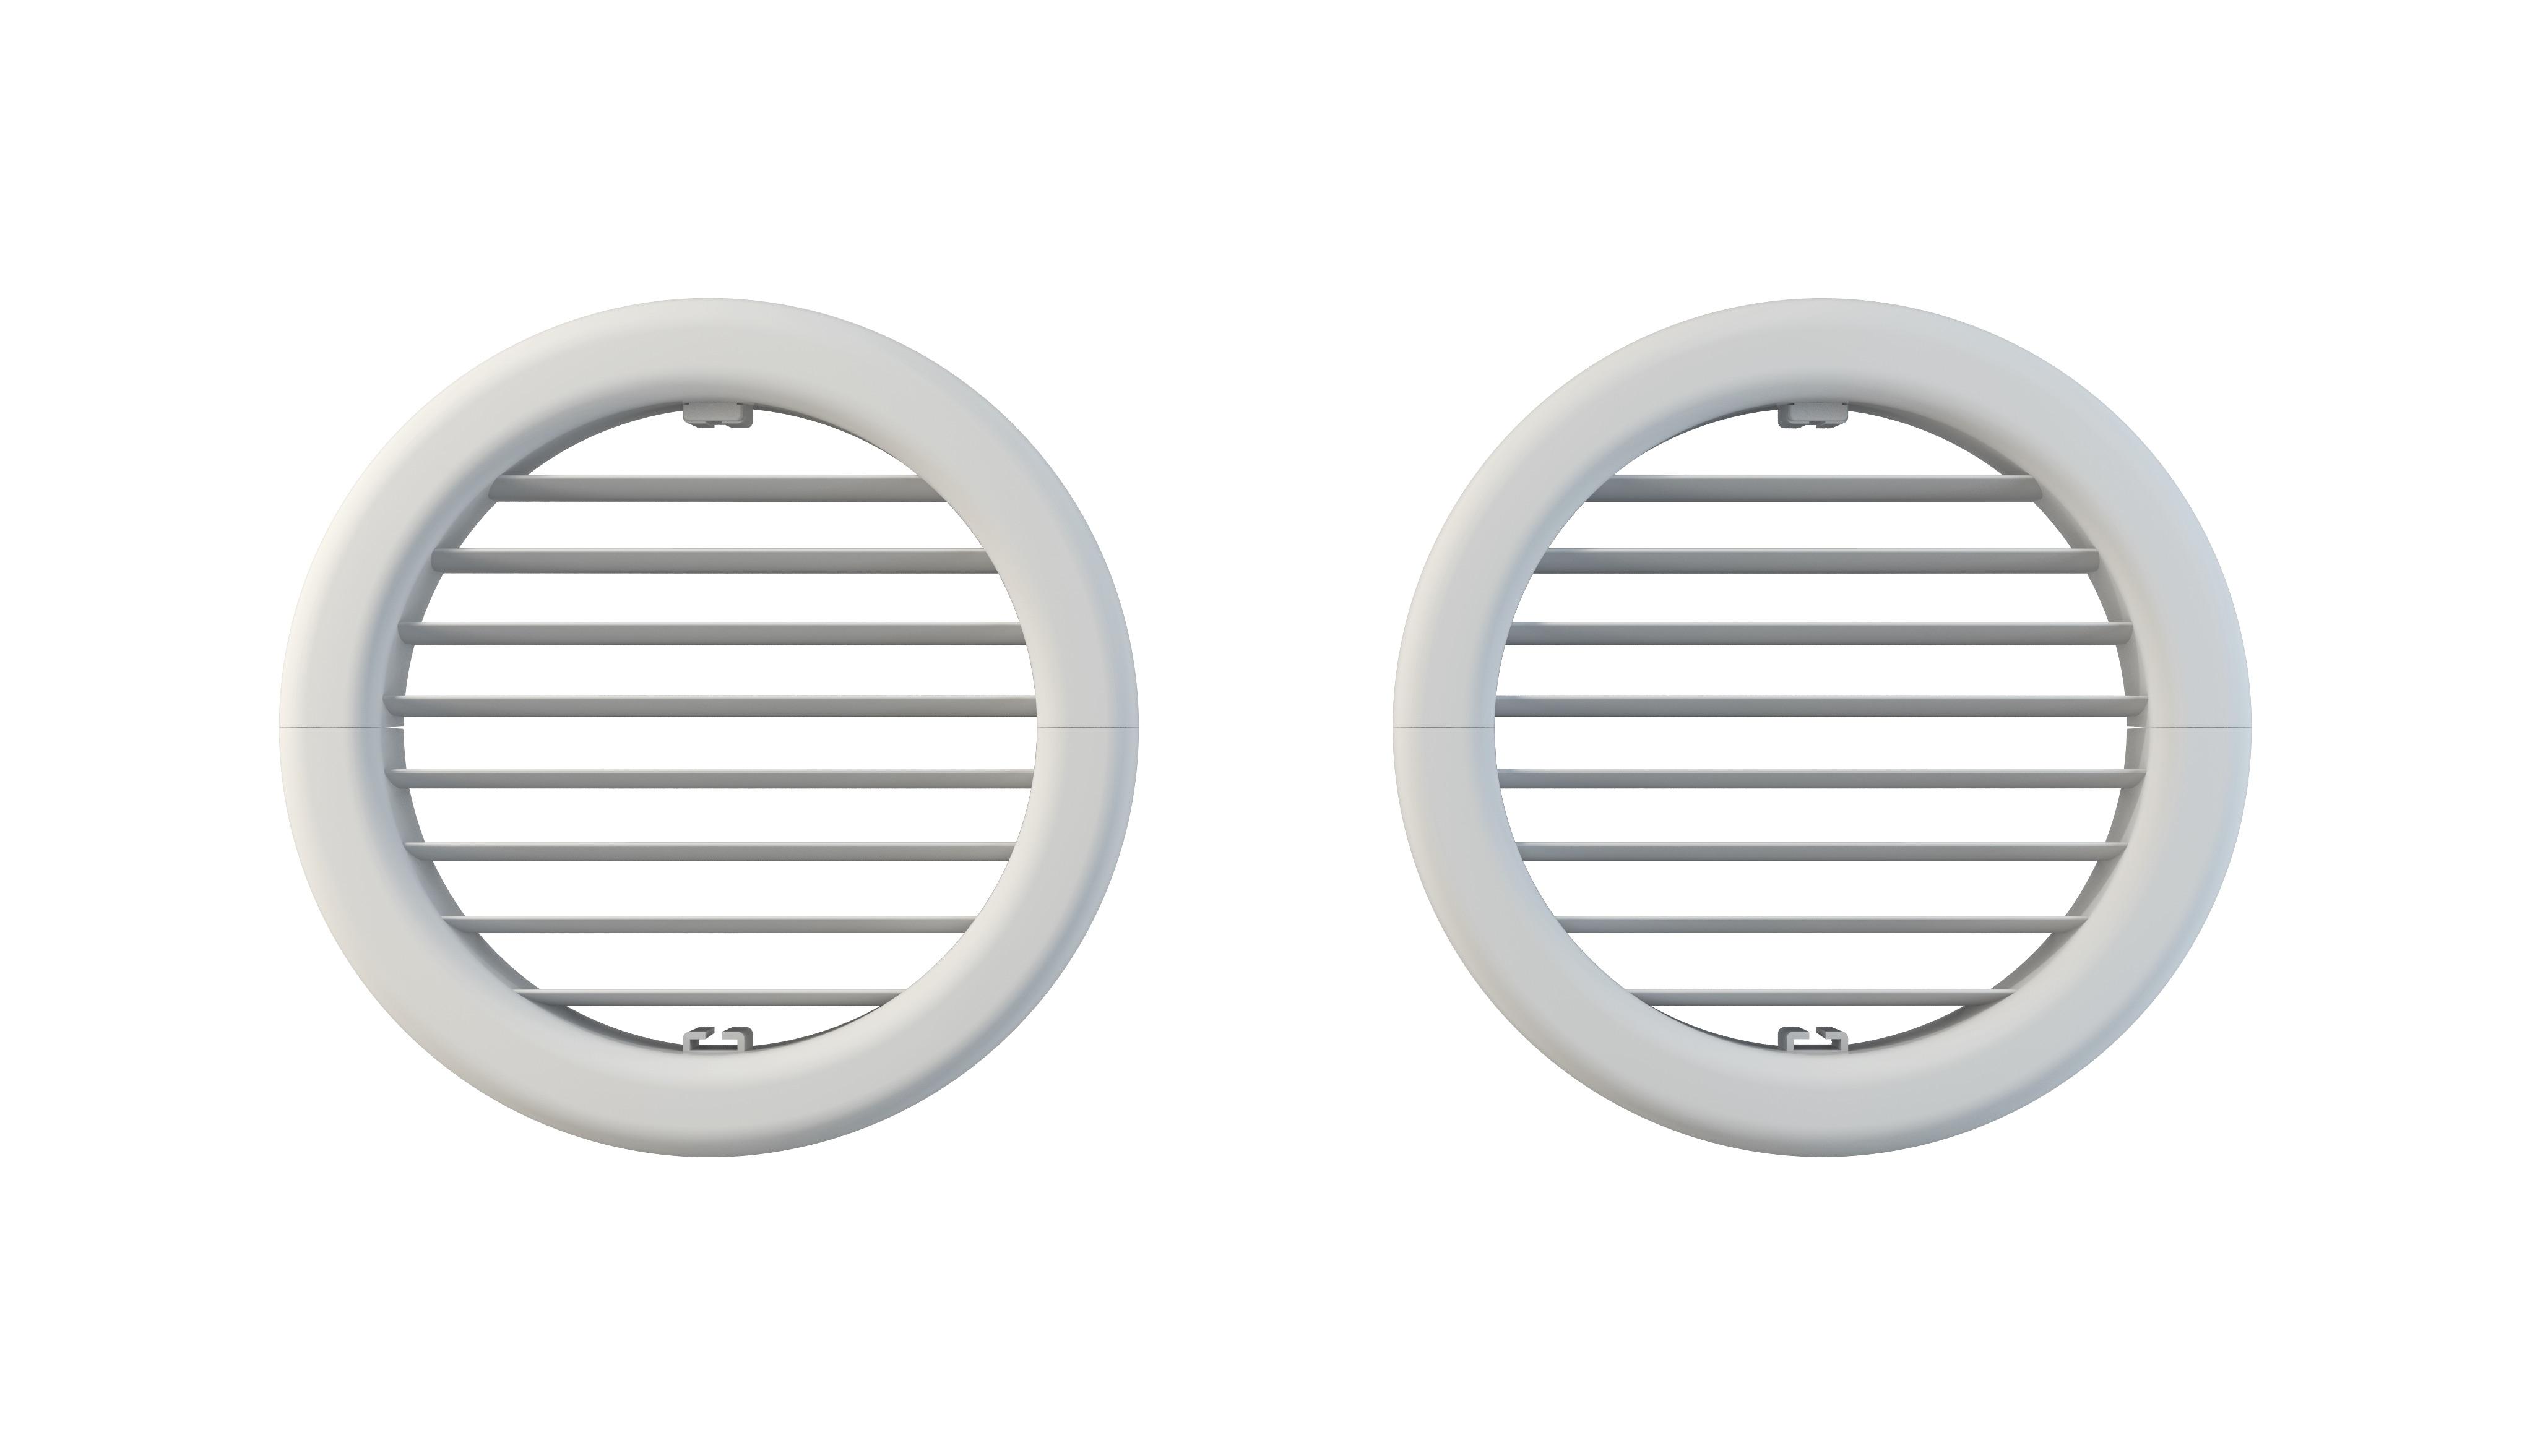 Climatizzatori senza unit esterna condizionatore unico olimpia splendid - Griglie per finestre esterne ...